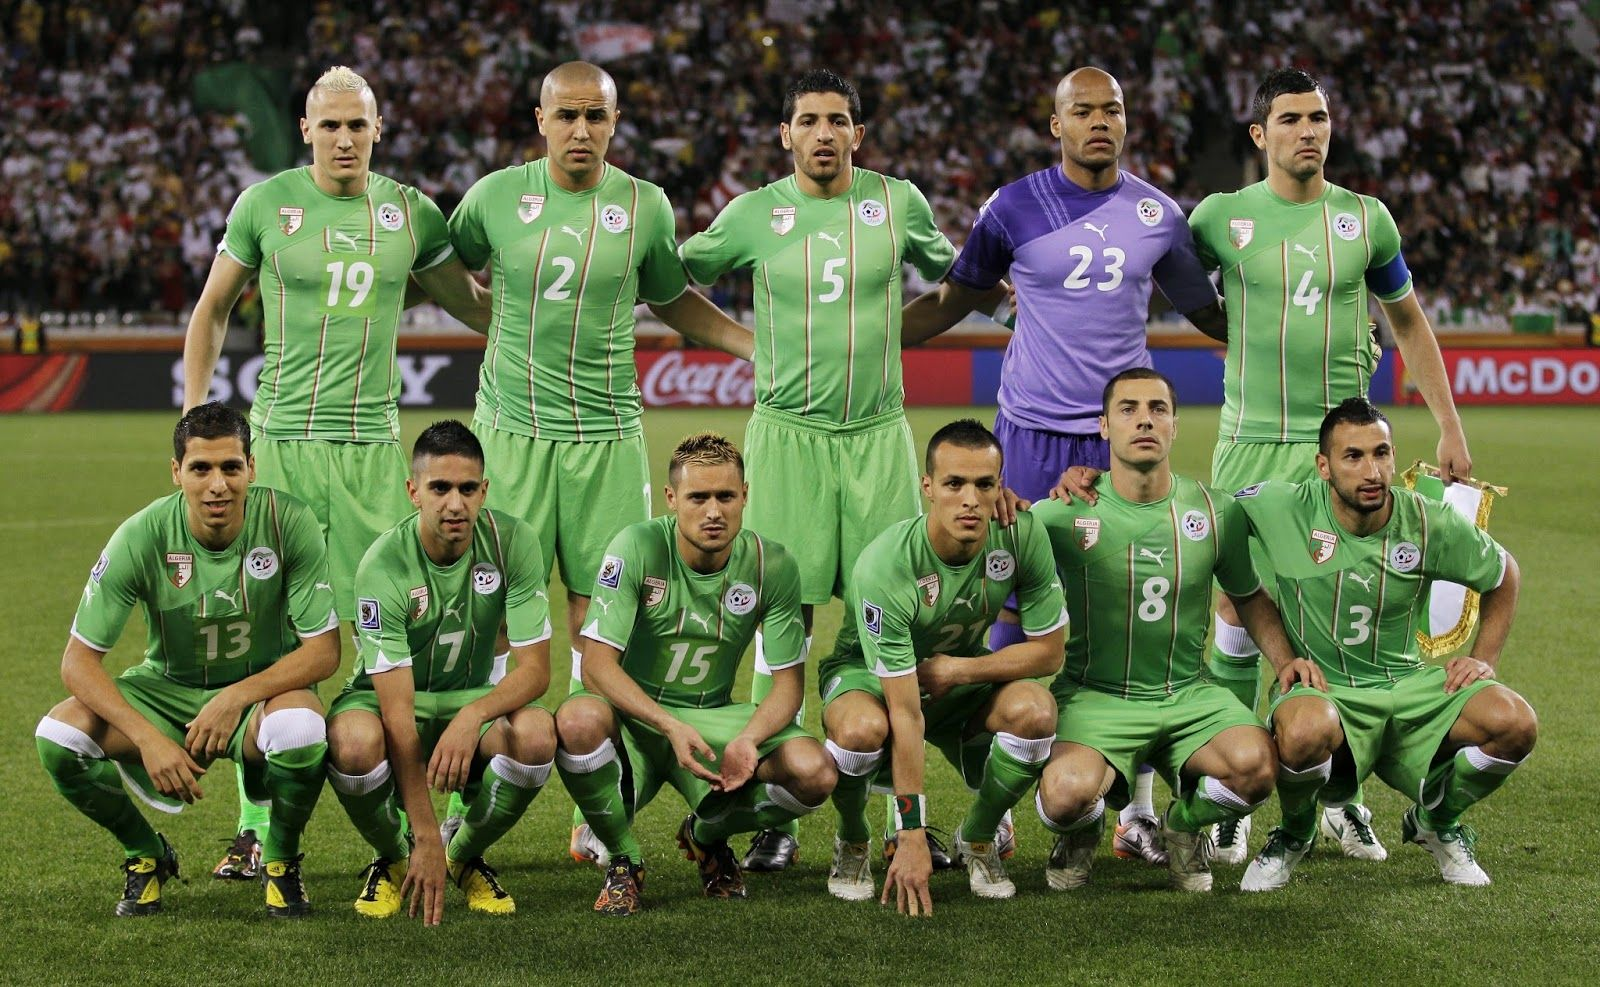 احباب الجزائر Ahbab Aljazair المنتخب الوطني الجزائري ذكريات و مجد Teams Algerian National Football Teams